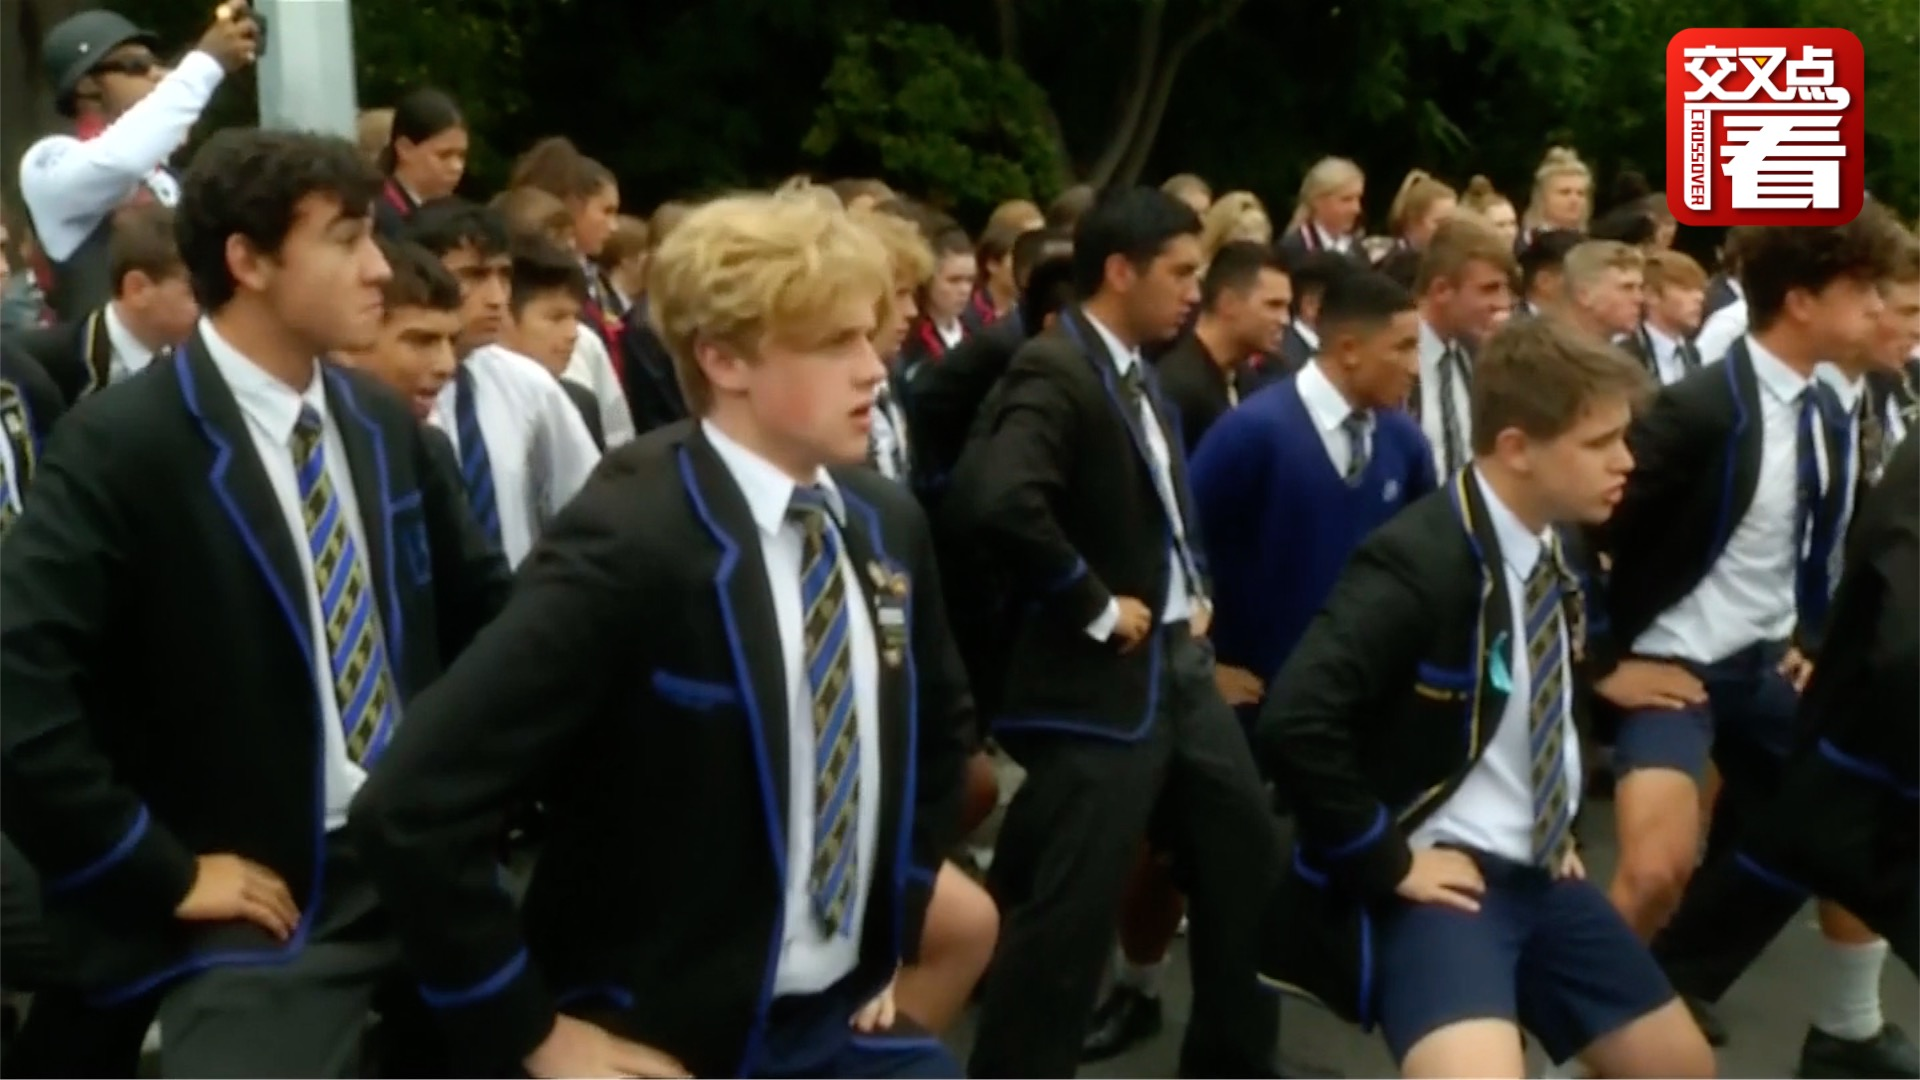 感人!新西兰枪击案后中学生跳毛利战舞悼念逝者